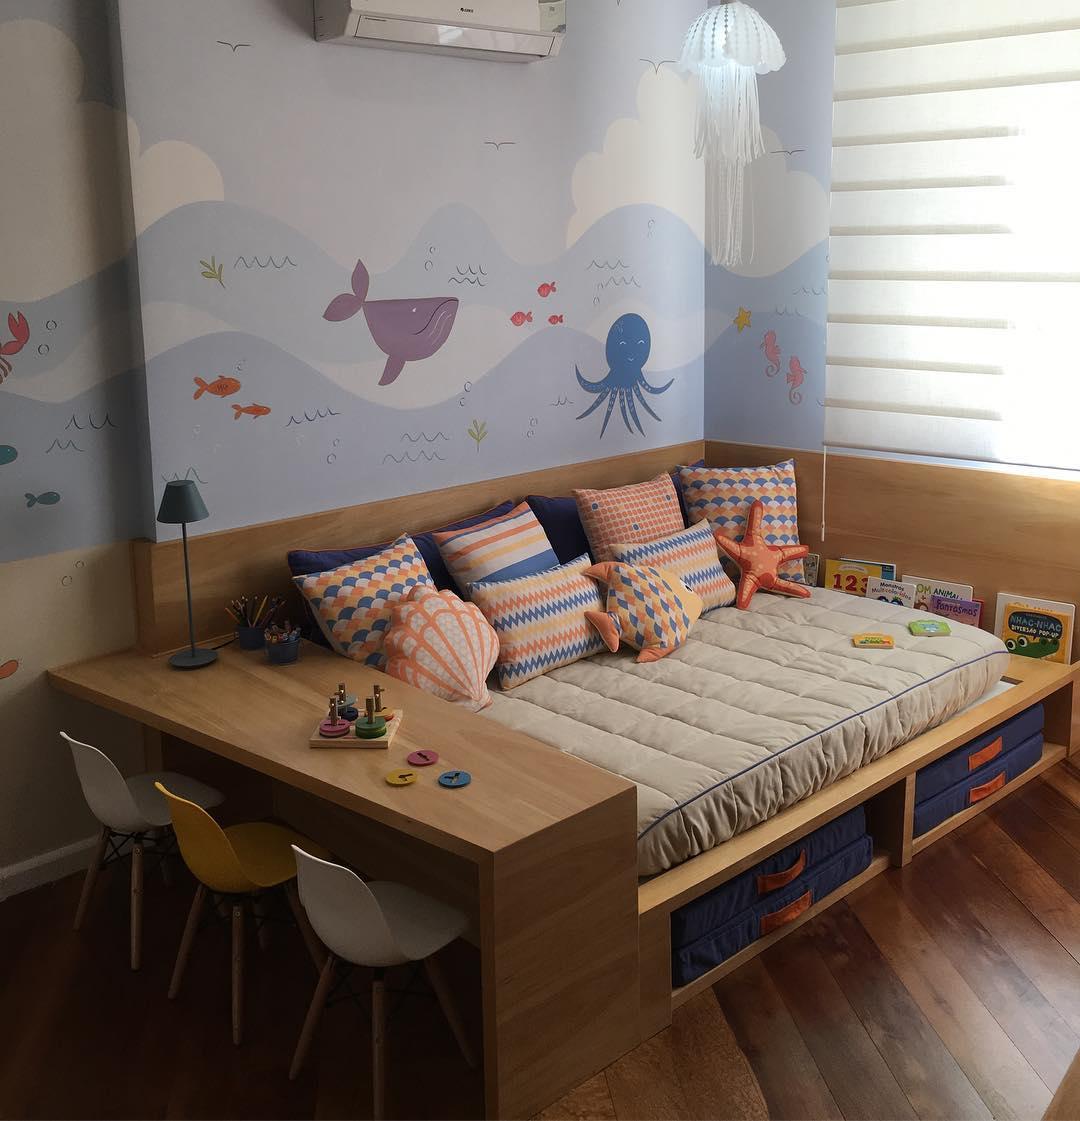 Quarto infantil com temática de fundo do mar, com uma cama embutida com escrivaninha de madeira